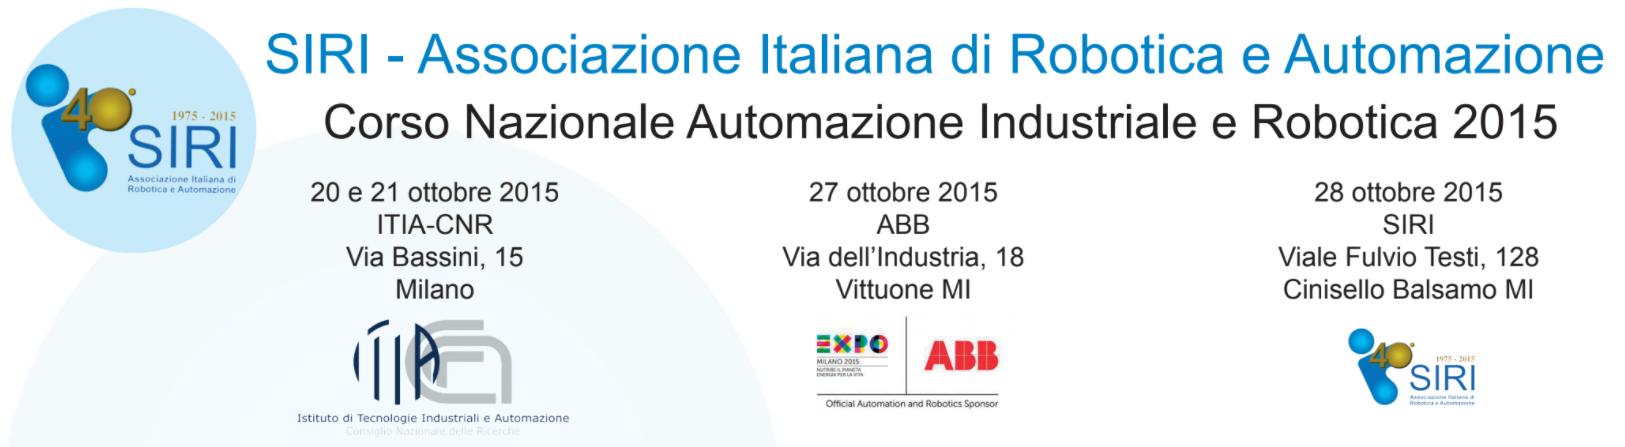 Corso Nazionale Automazione Industriale e Robotica 2015